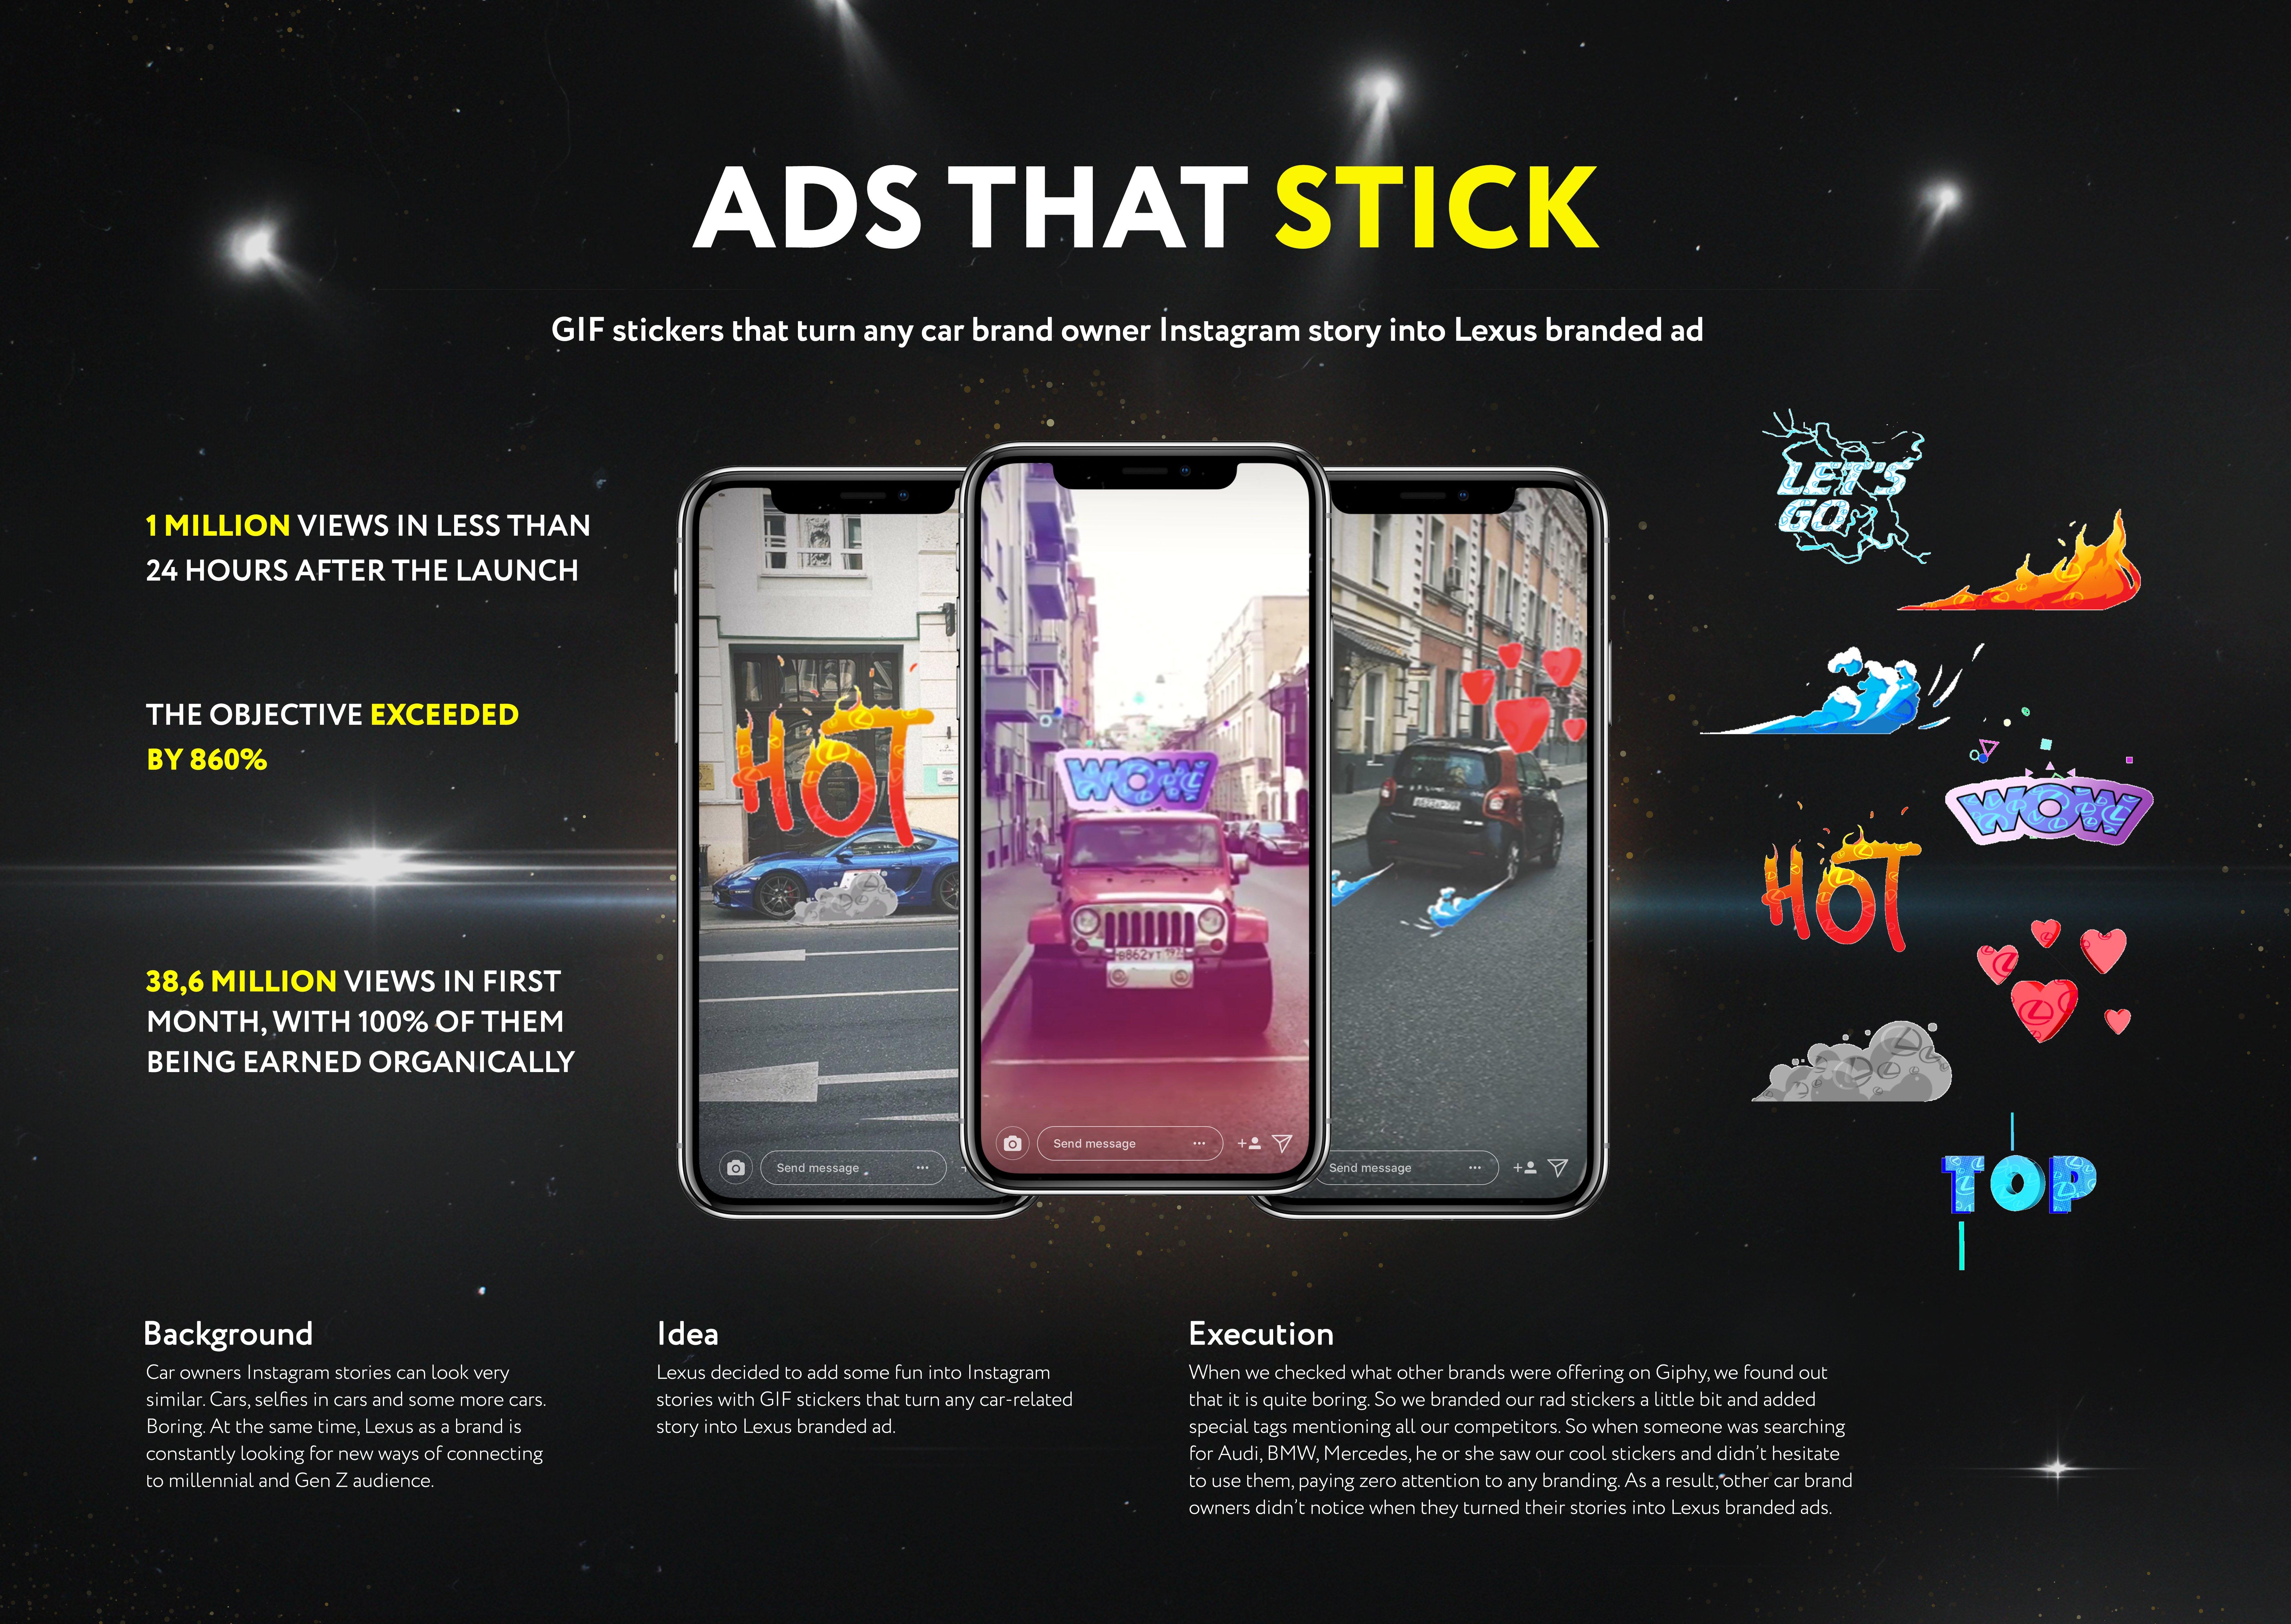 Брендированные GIF-стикеры Lexus